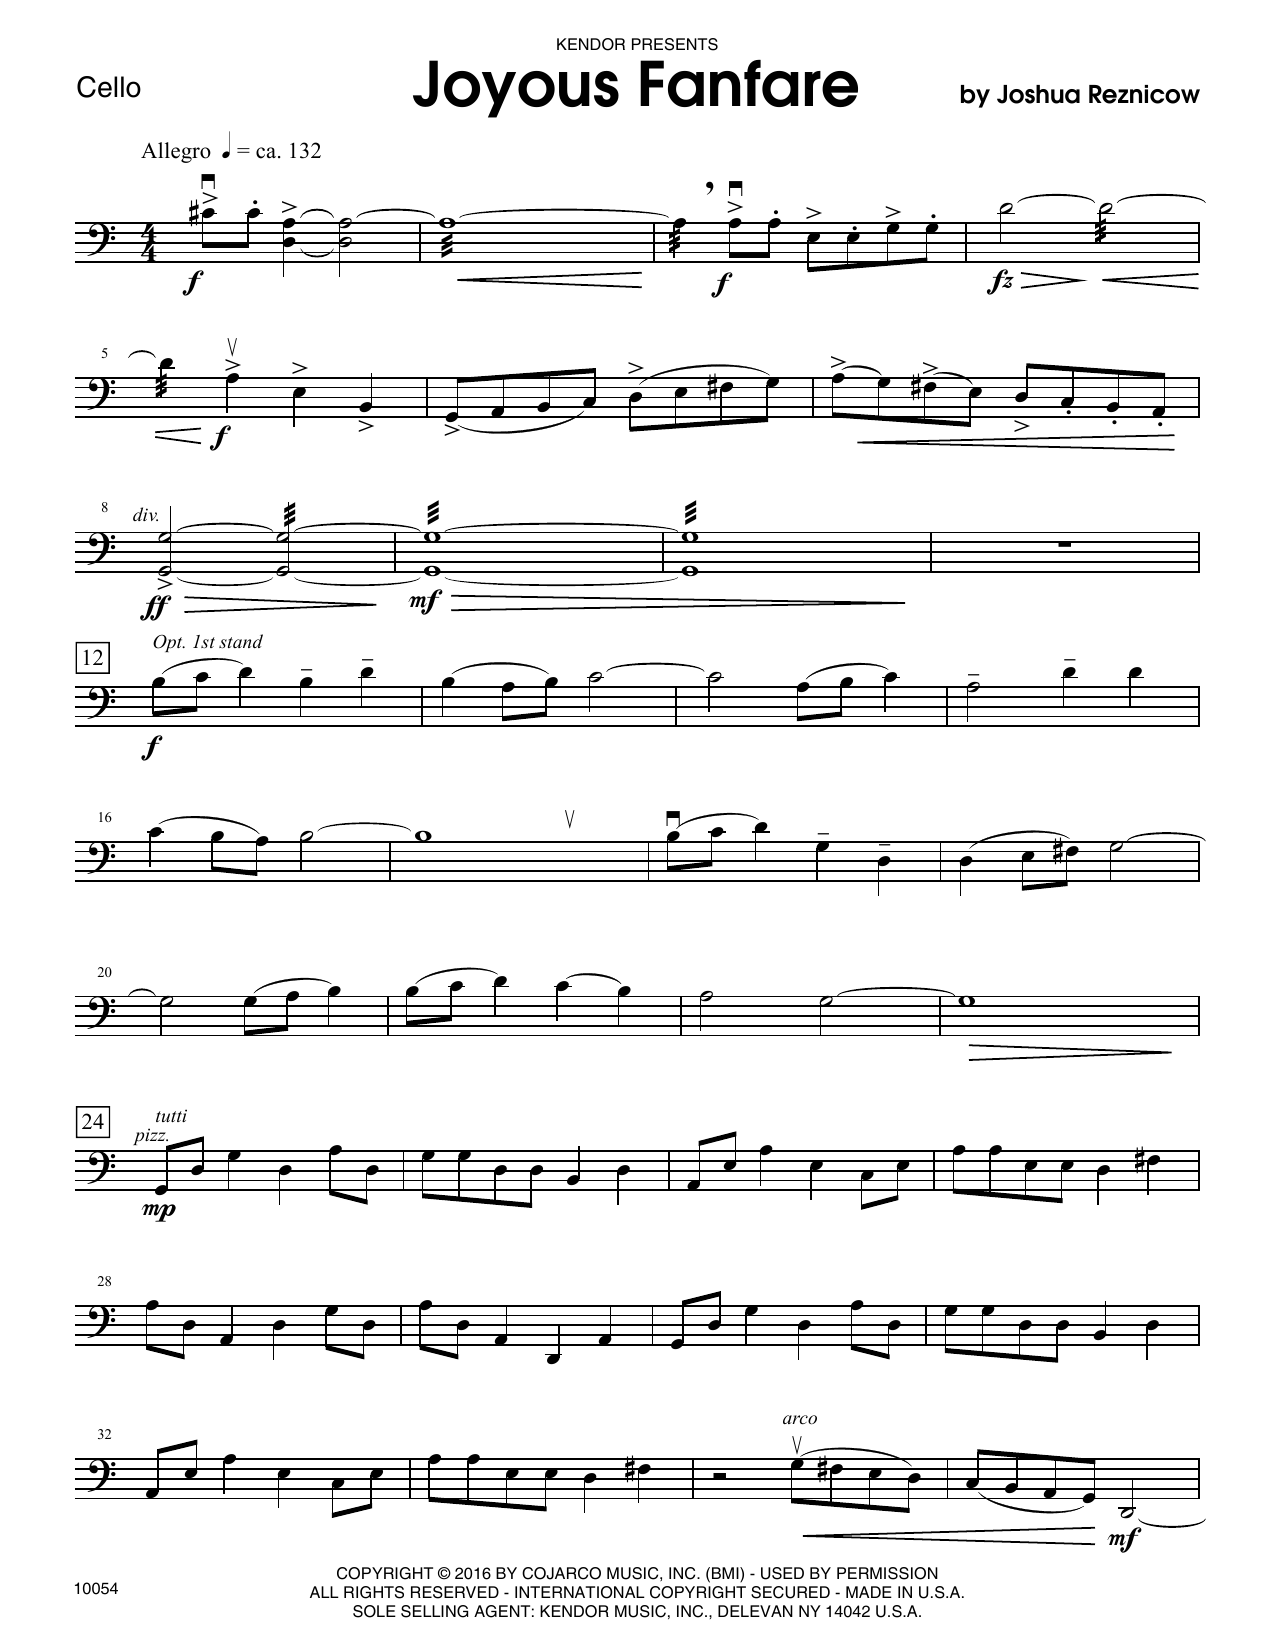 Joyous Fanfare - Cello